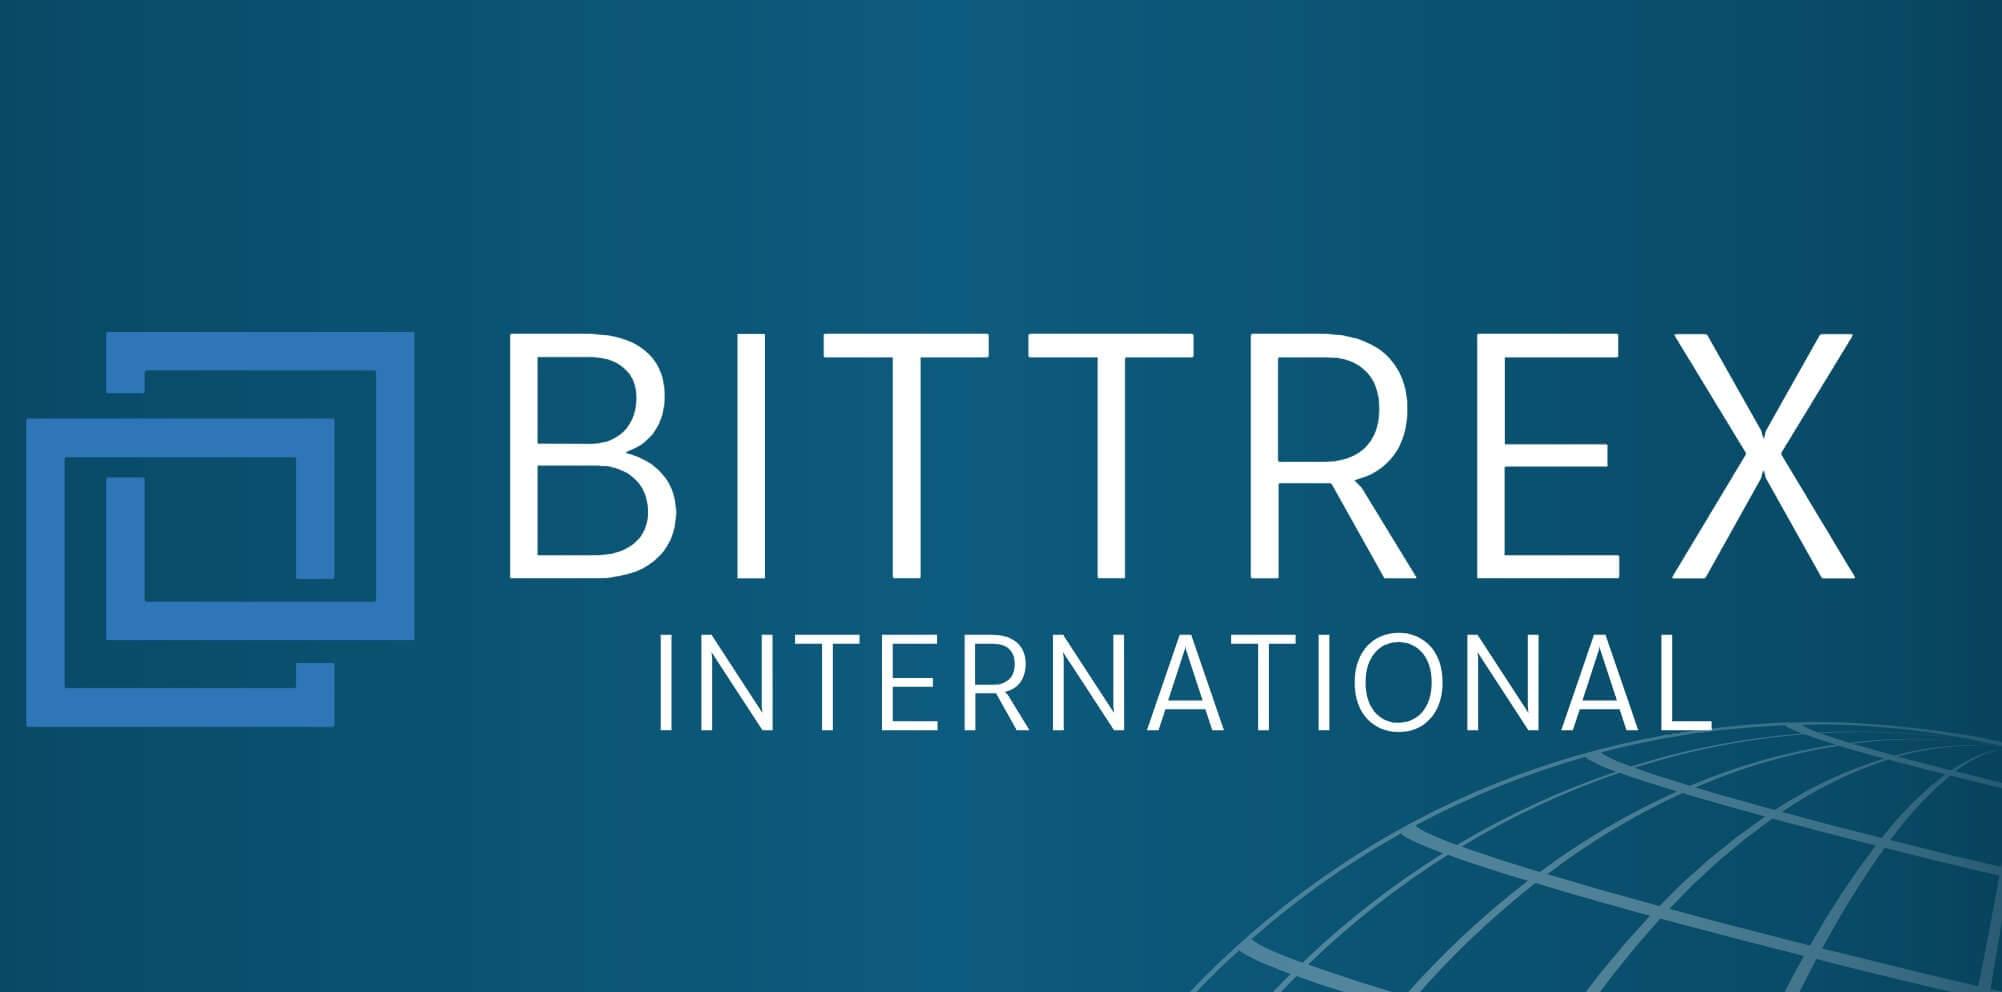 Bittrex International приостанавливает предоставление услуг в Венесуэле и еще 30 странам